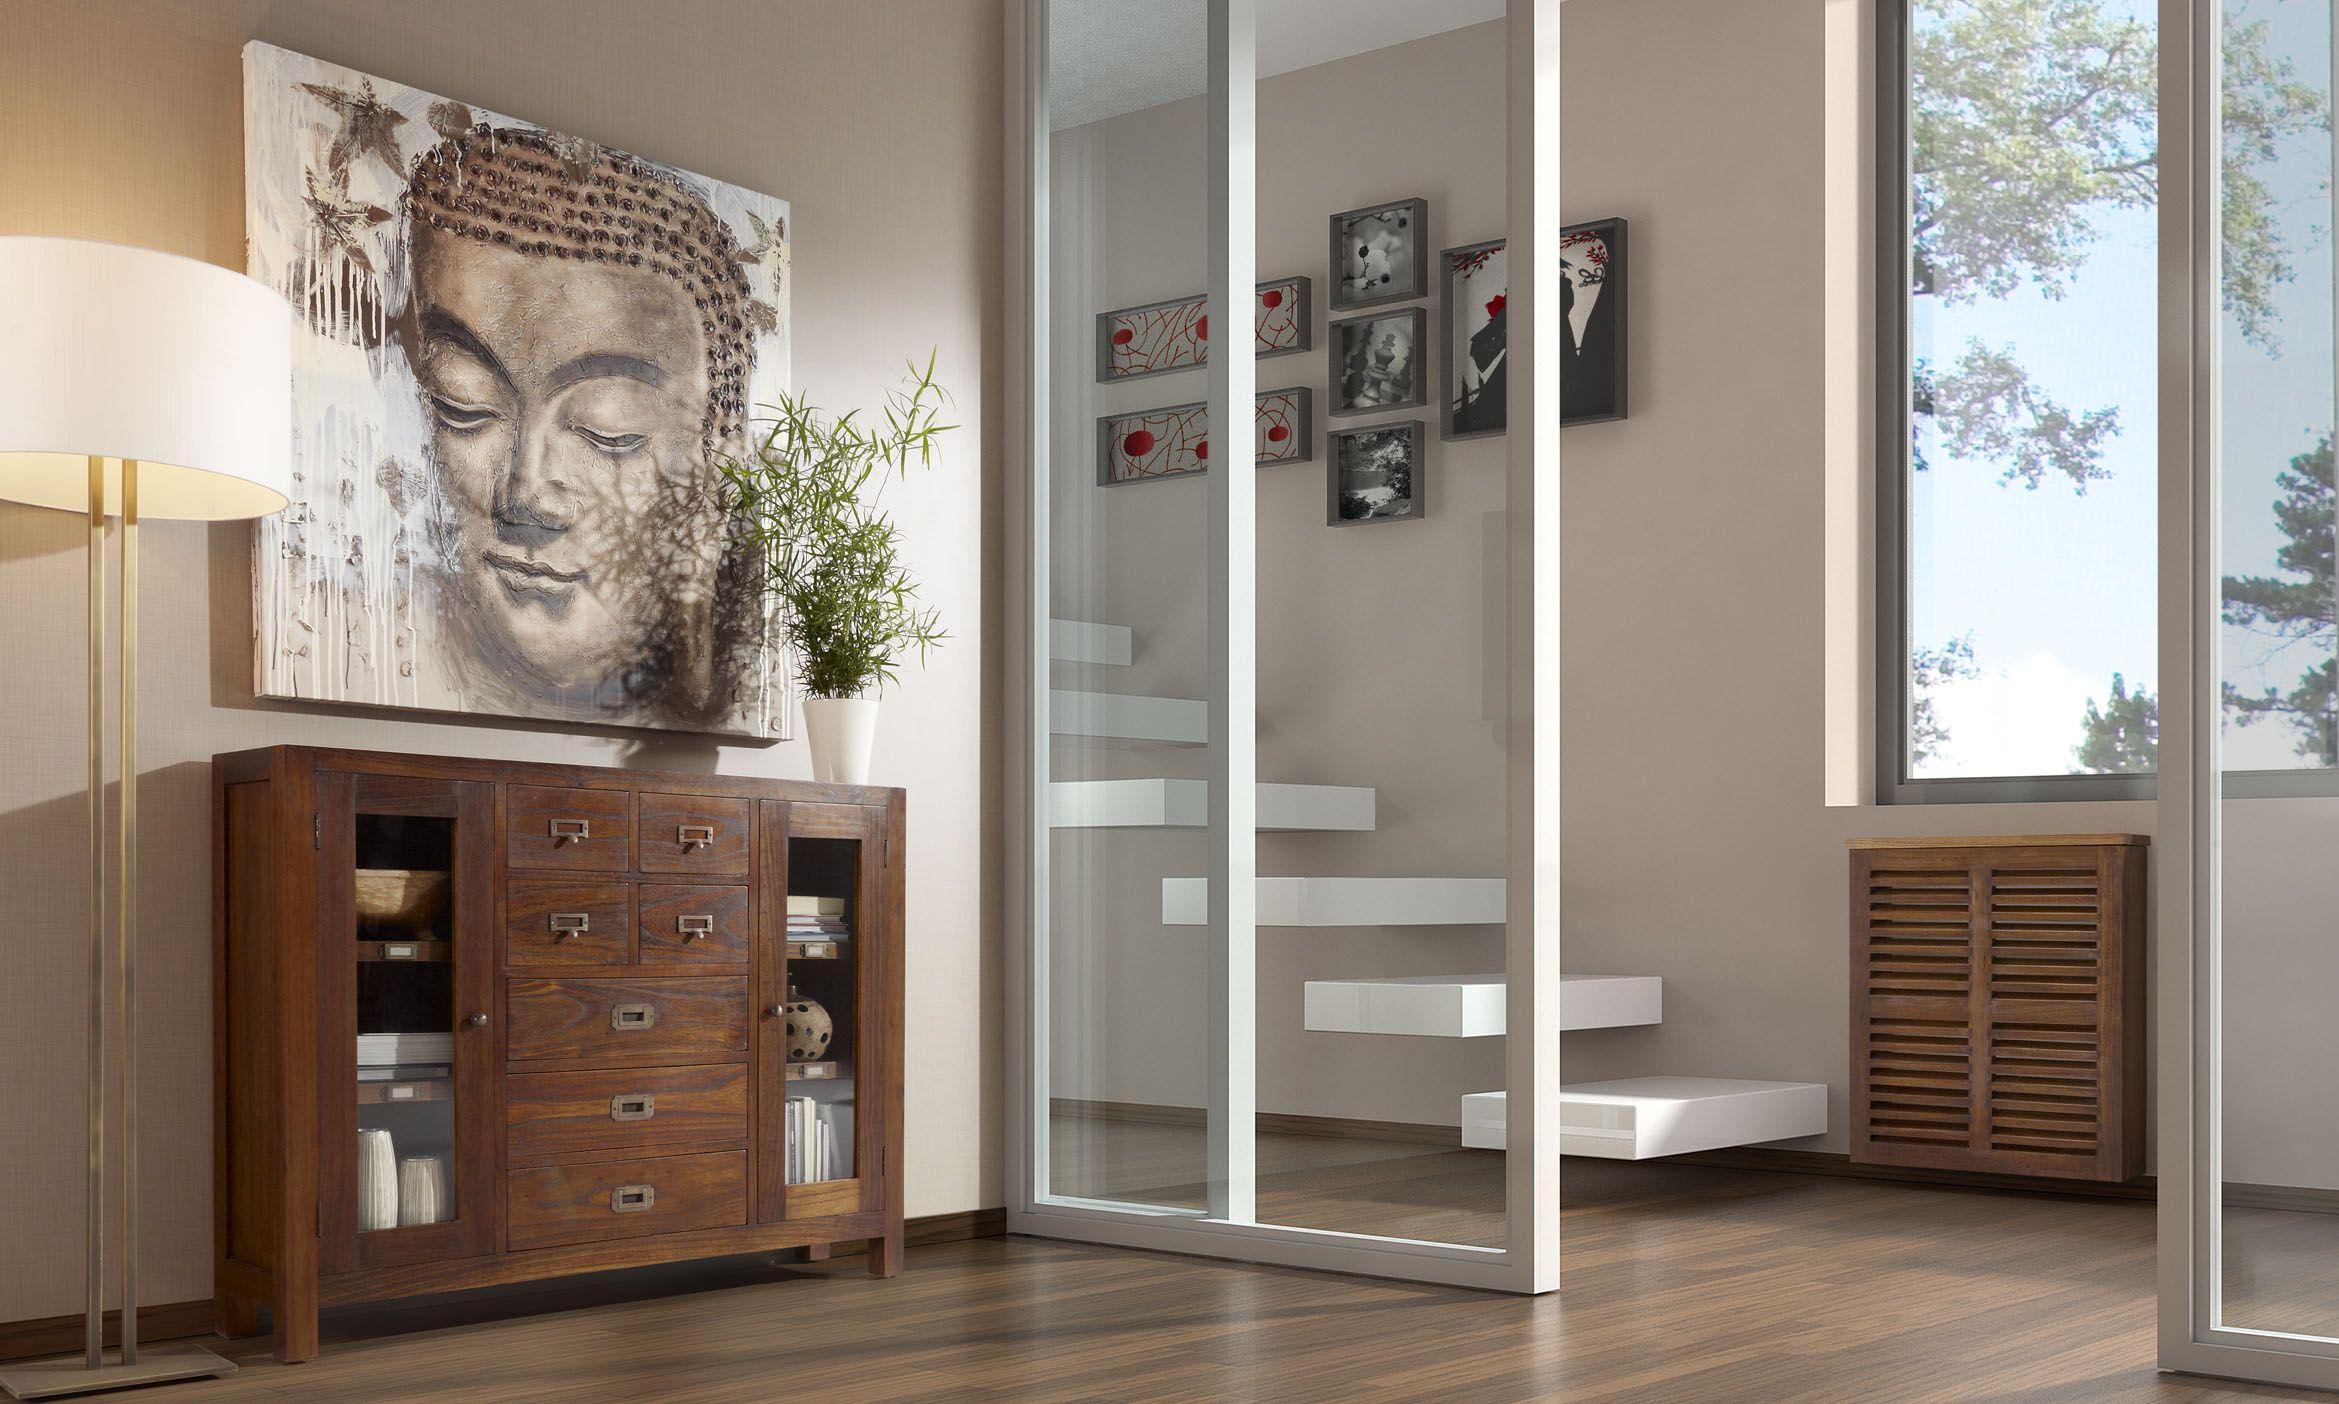 Muebles y decoraci n vintage vintage style muebles - Muebles estilo colonial moderno ...